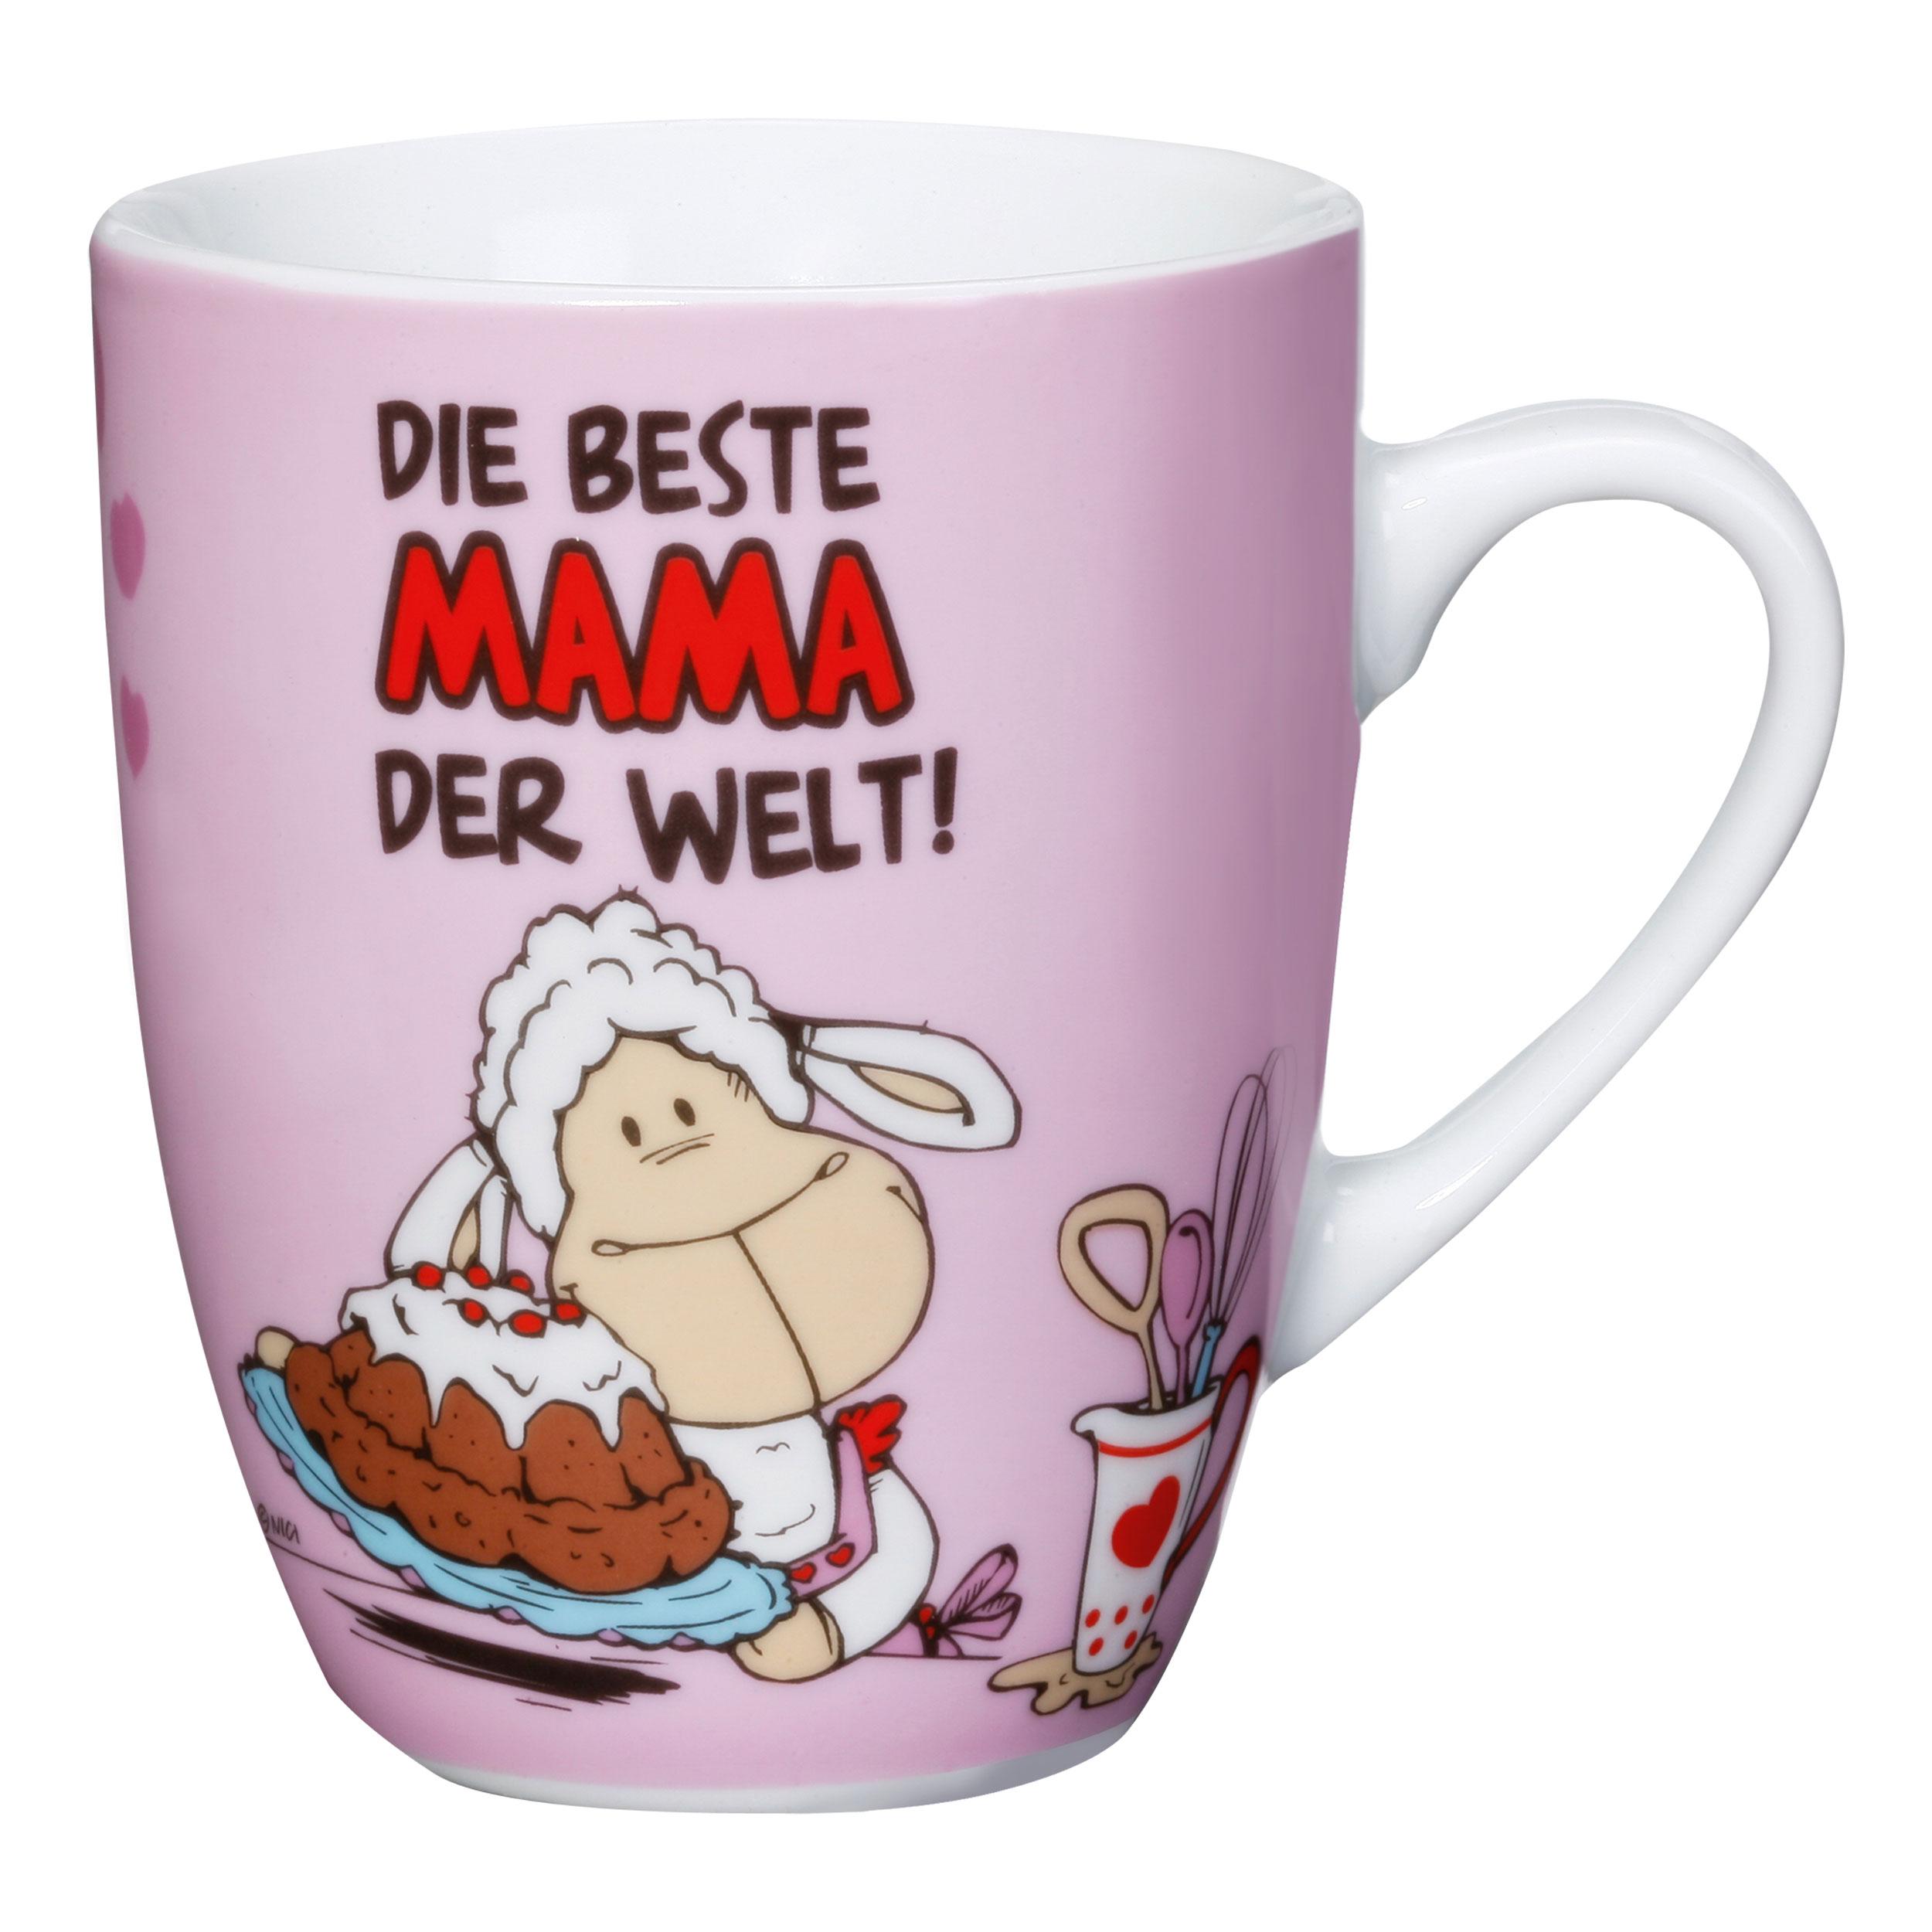 NICI Tasse Die beste Mama der Welt, Kaffeetasse ...